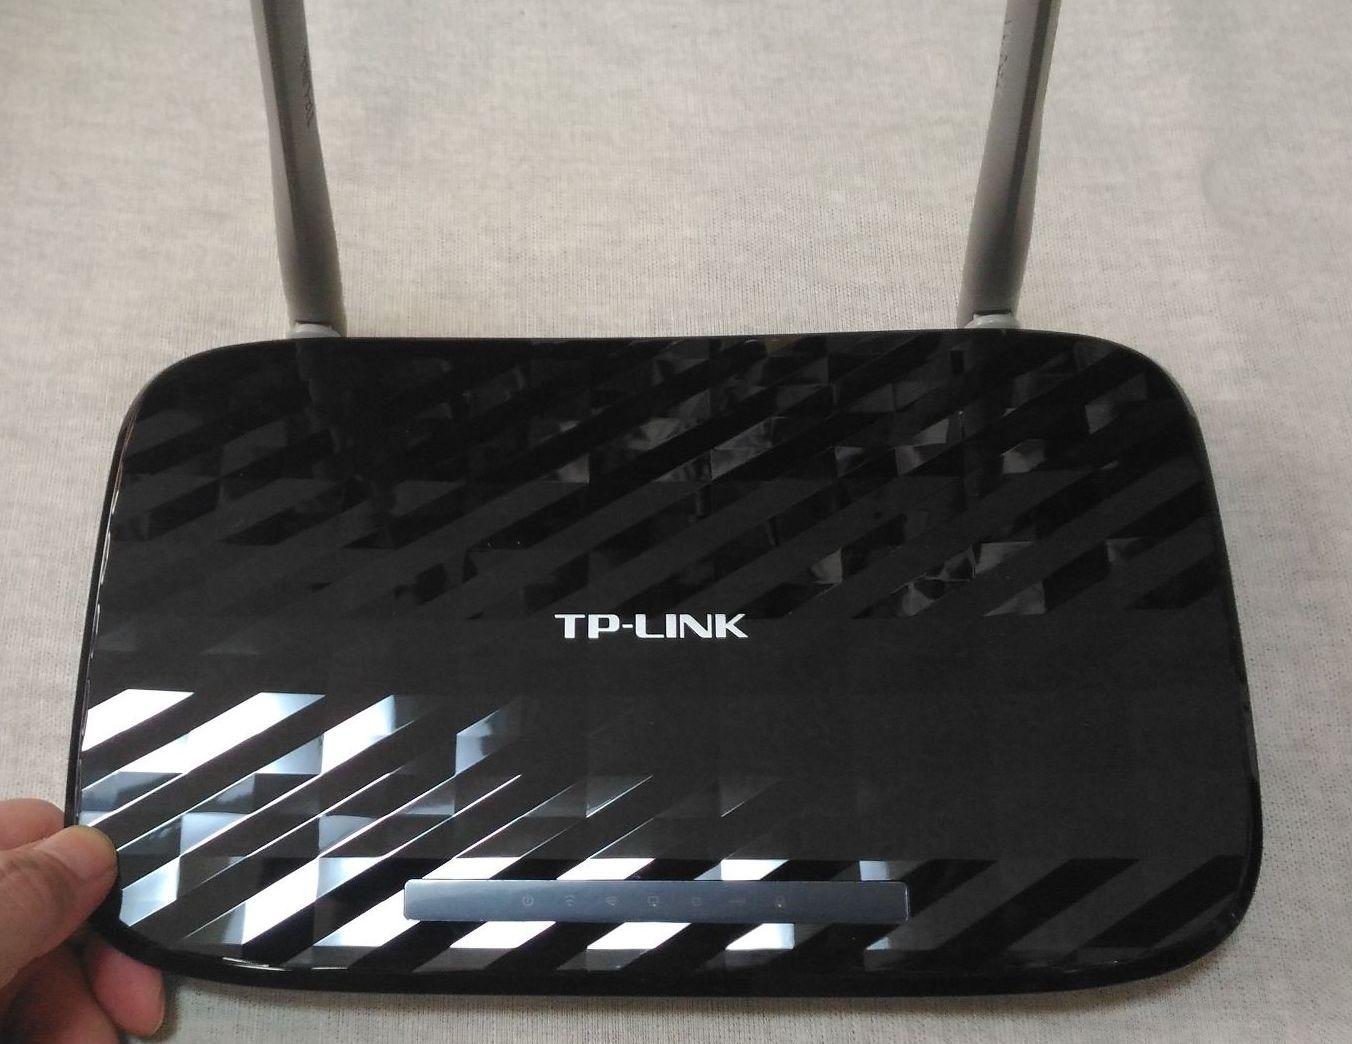 TP-Linkの無線LANルーター Archer C20